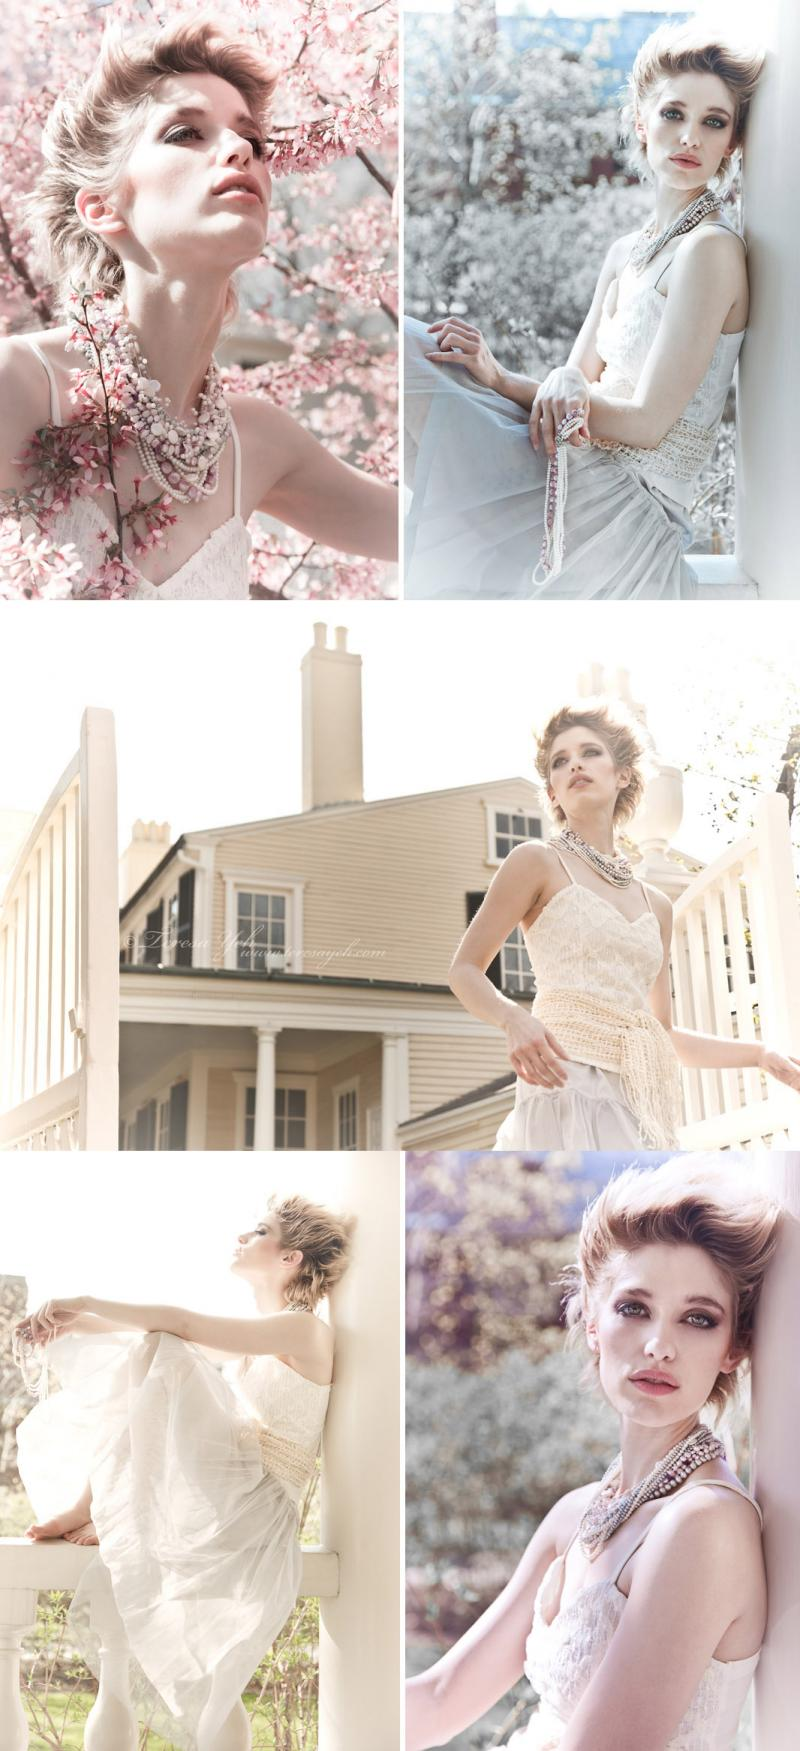 Cambridge, MA Apr 11, 2010 © Teresa Yeh 2010 Dreamscapes